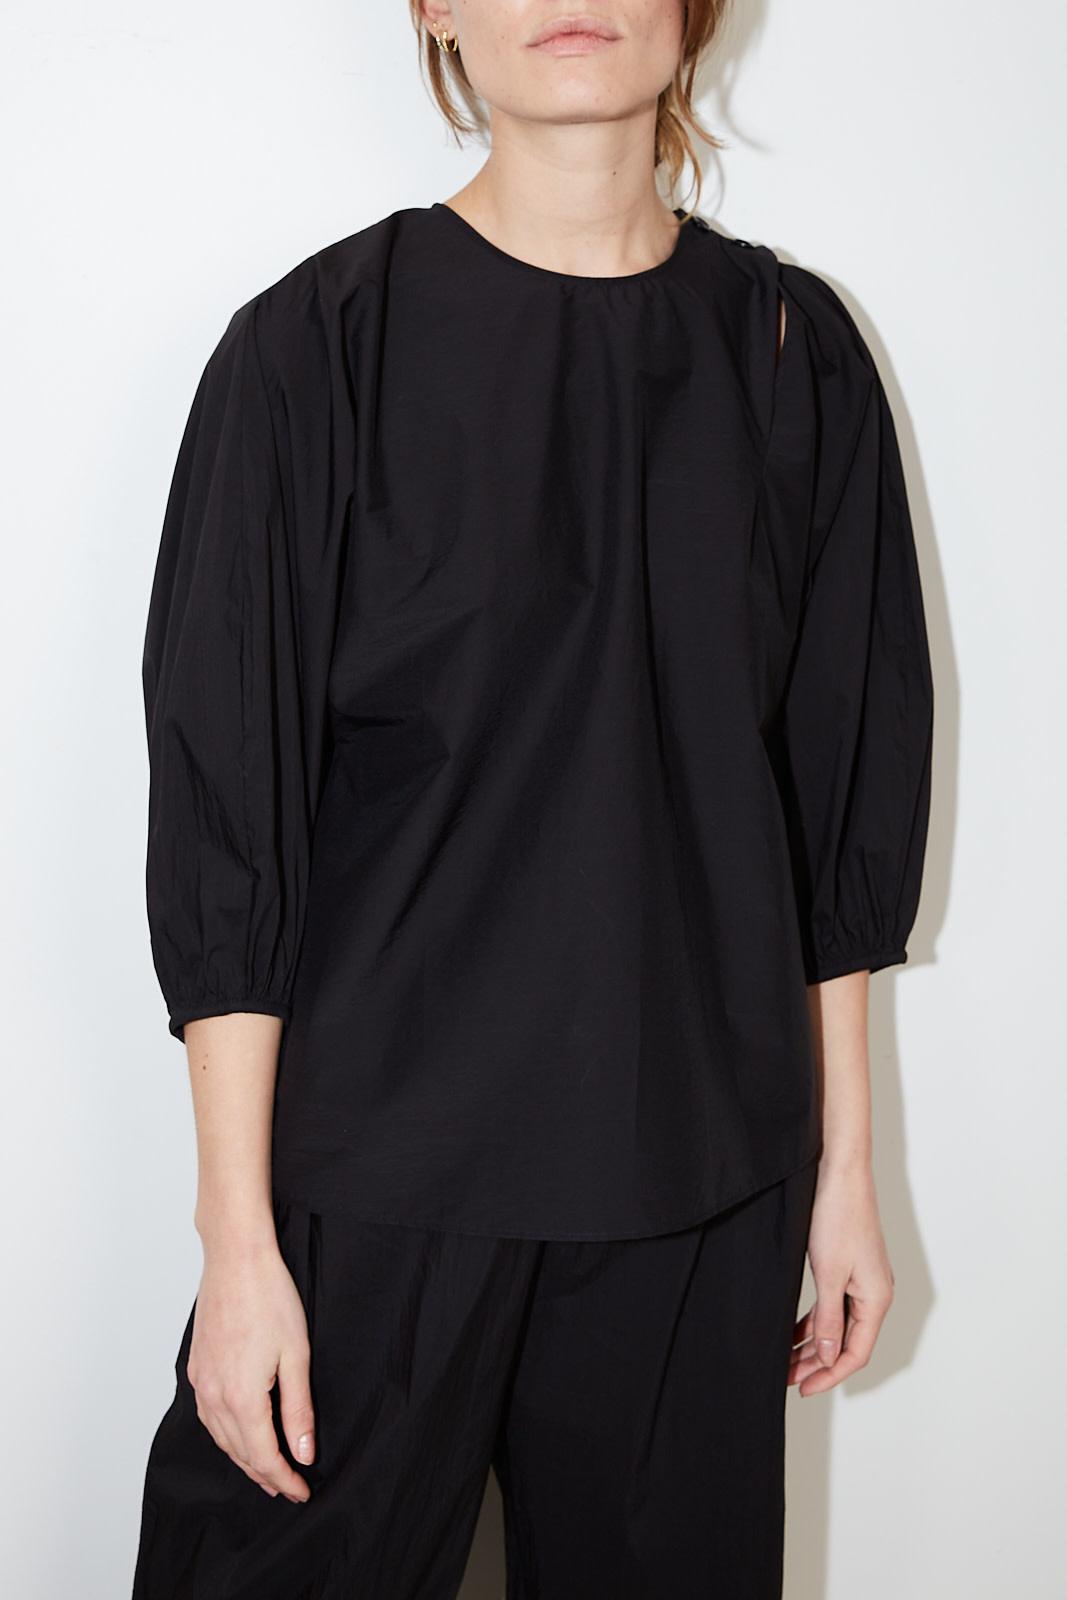 Aeron Mimi cotton blend top